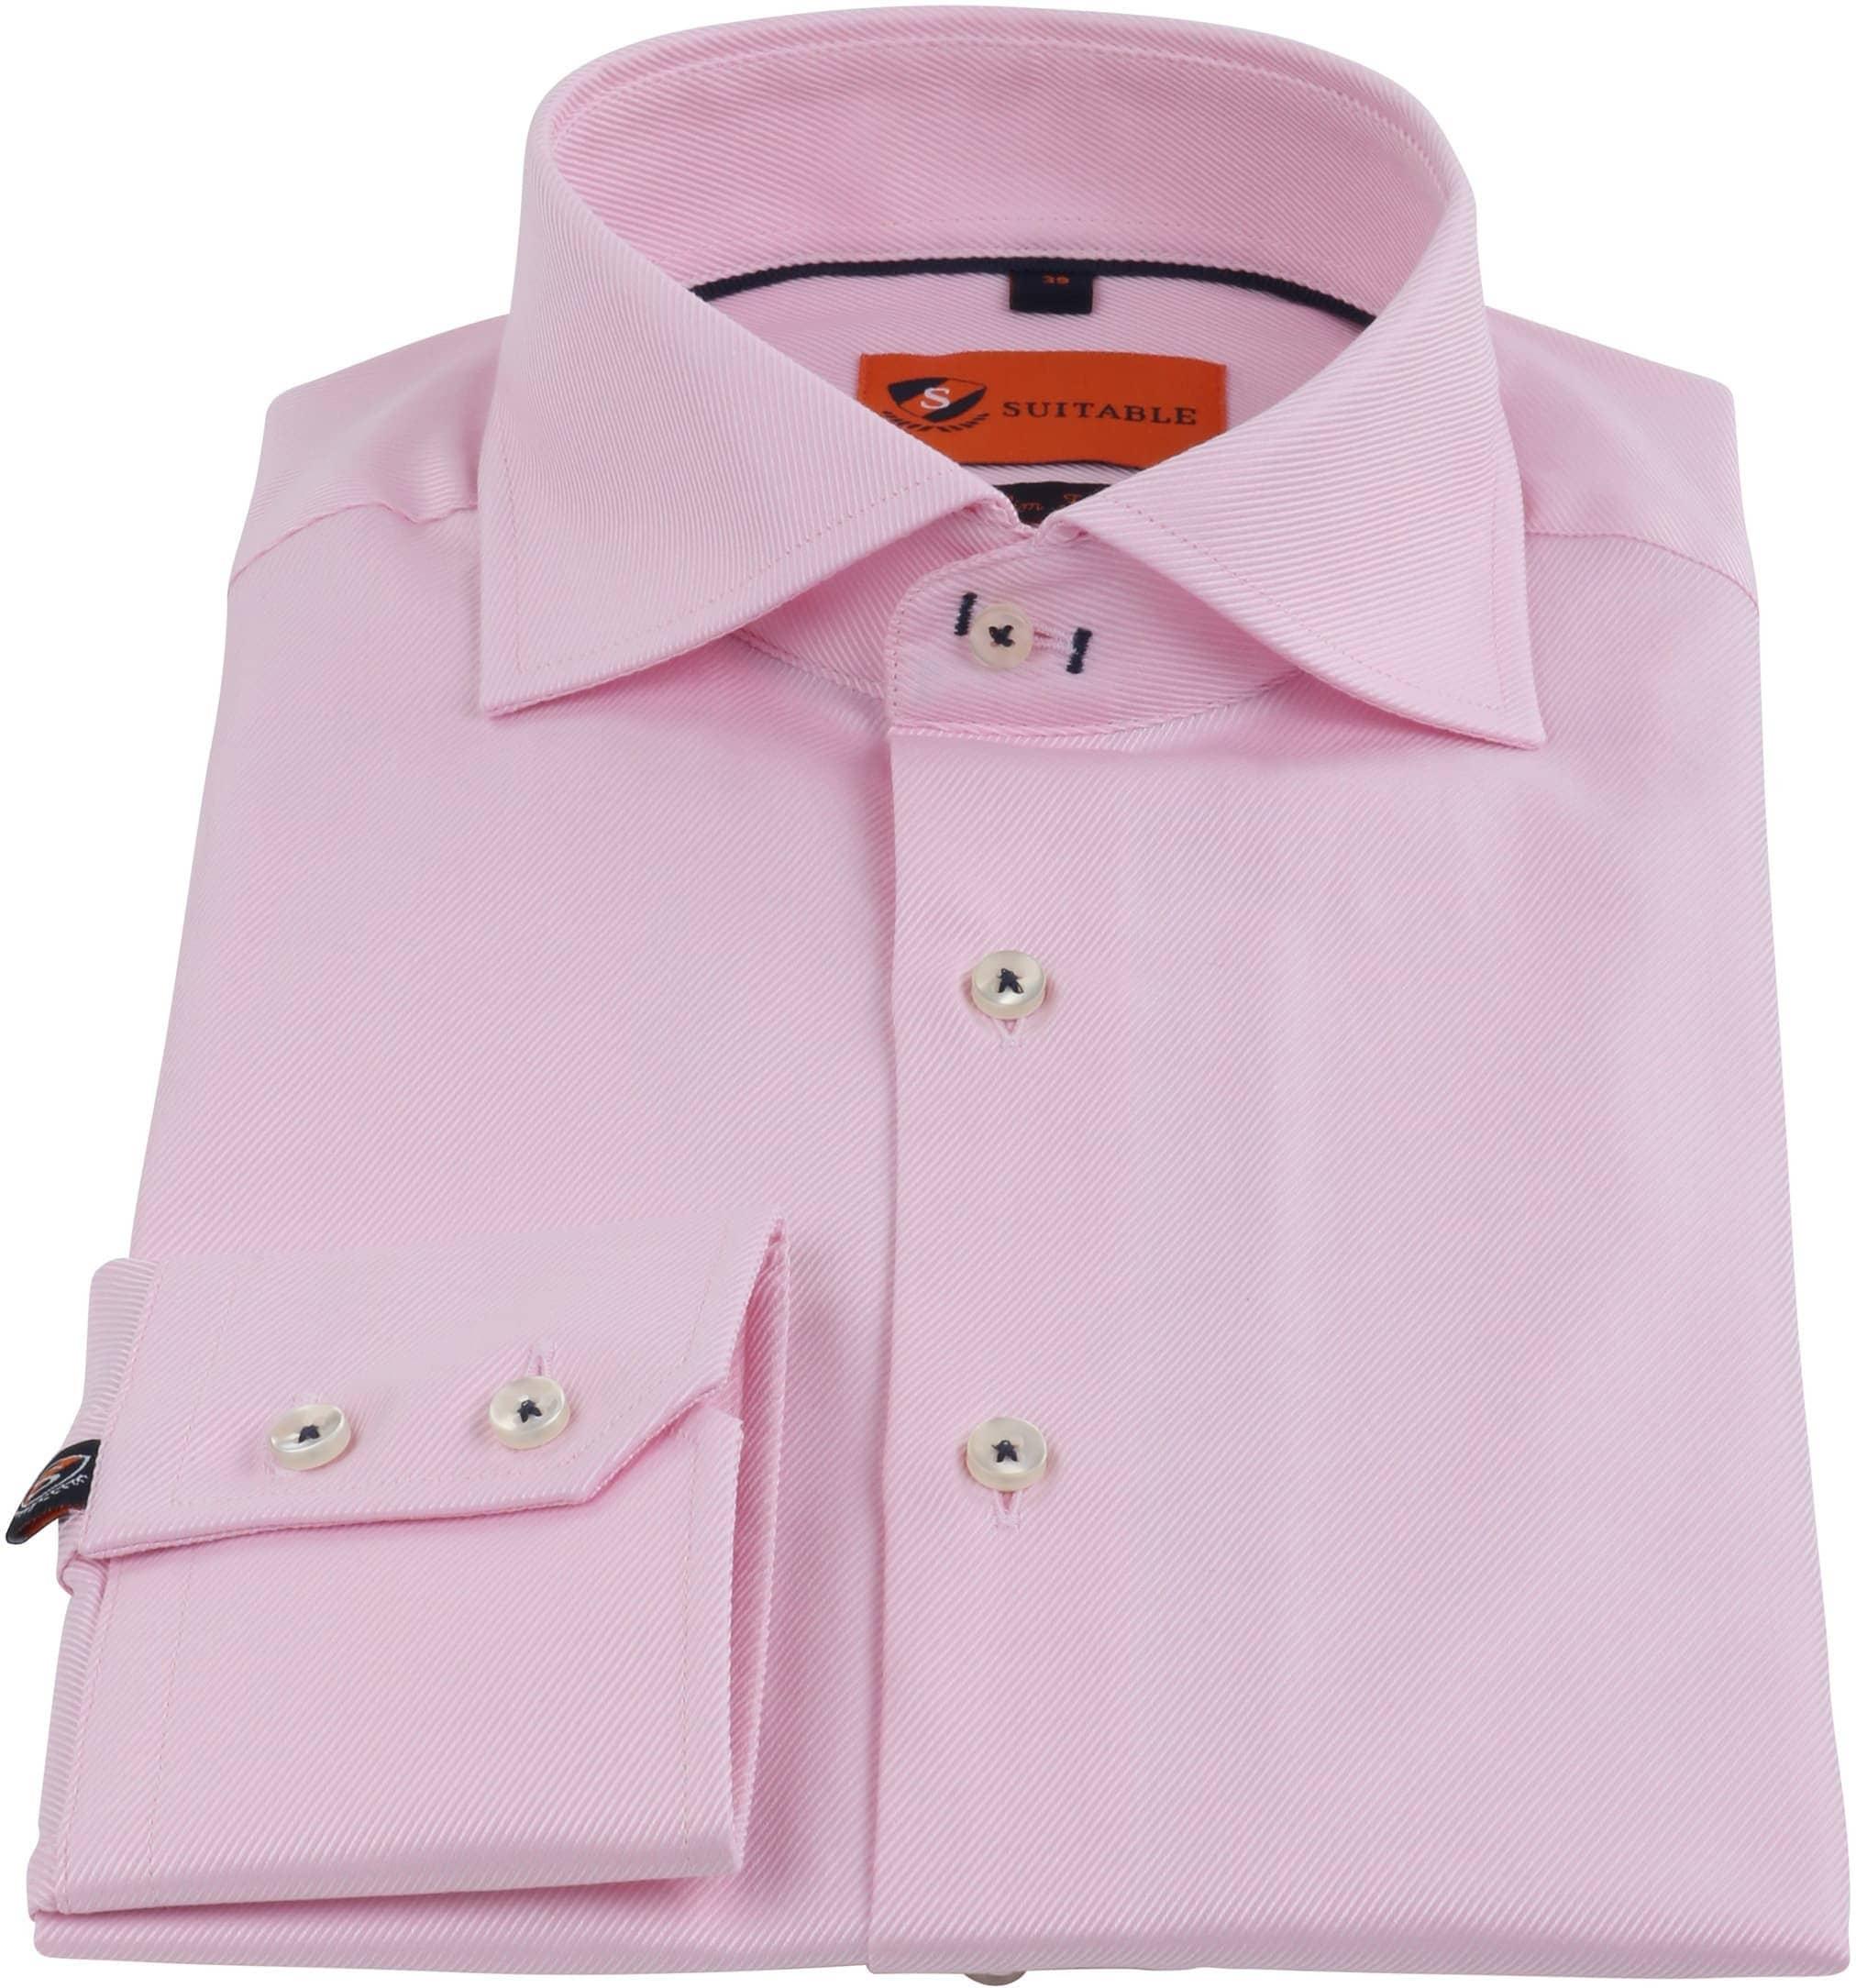 Rosa Geschäfts Hemd foto 2